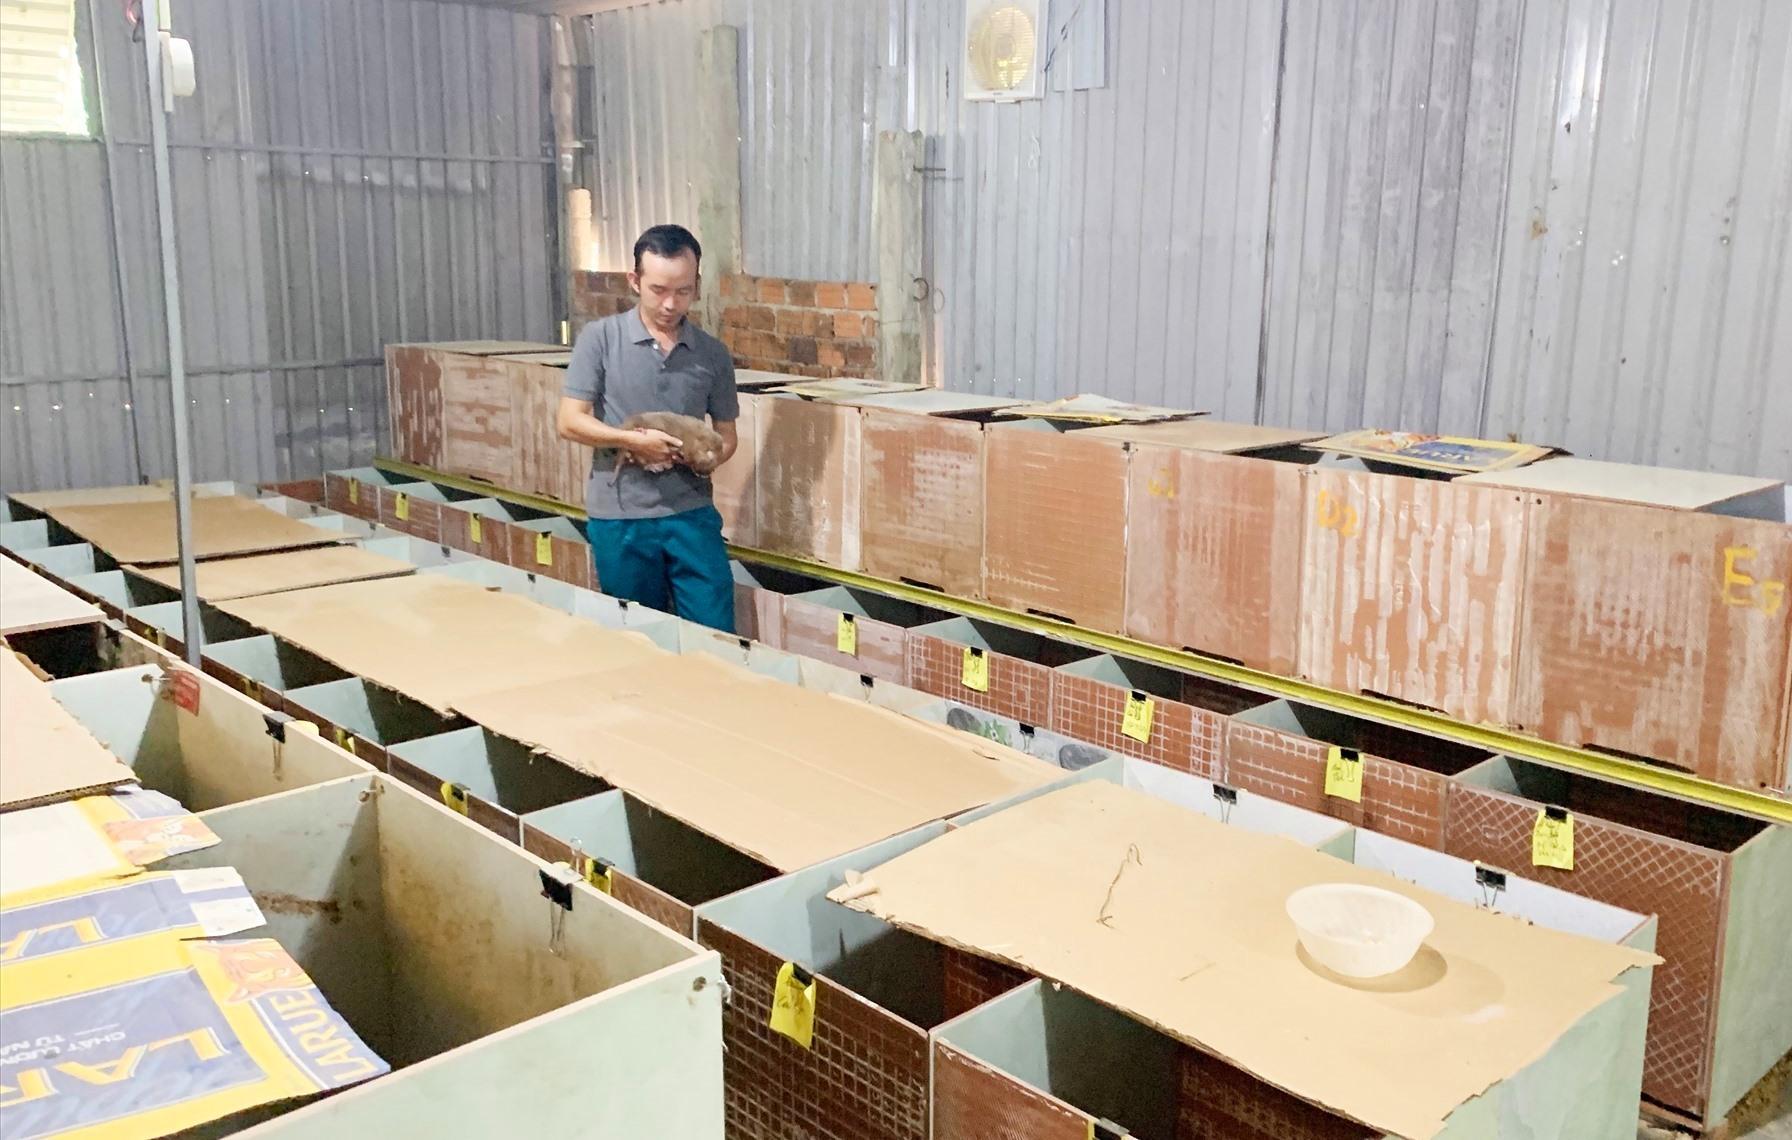 Trại dúi của anh Nguyễn Thanh Sơn. Ảnh: PHAN VINH